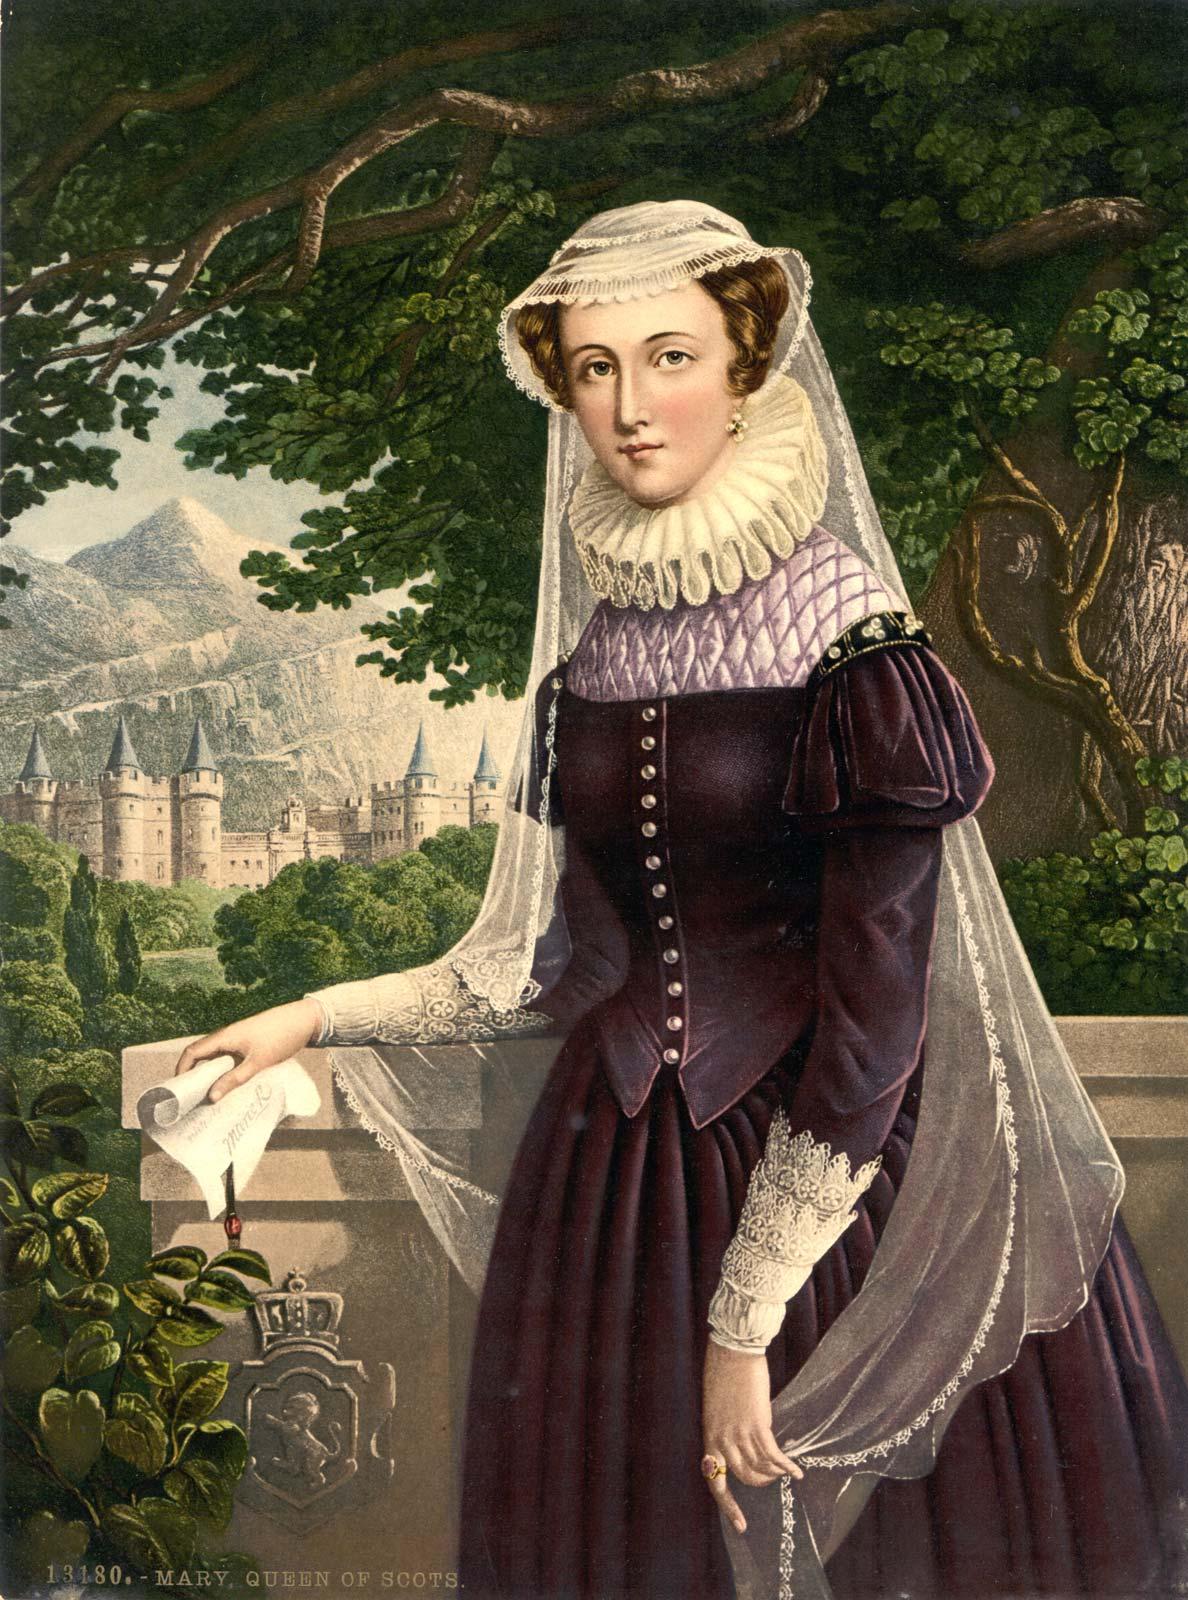 لوحة تجسد ماري ستيوارت ملكة إسكتلندا